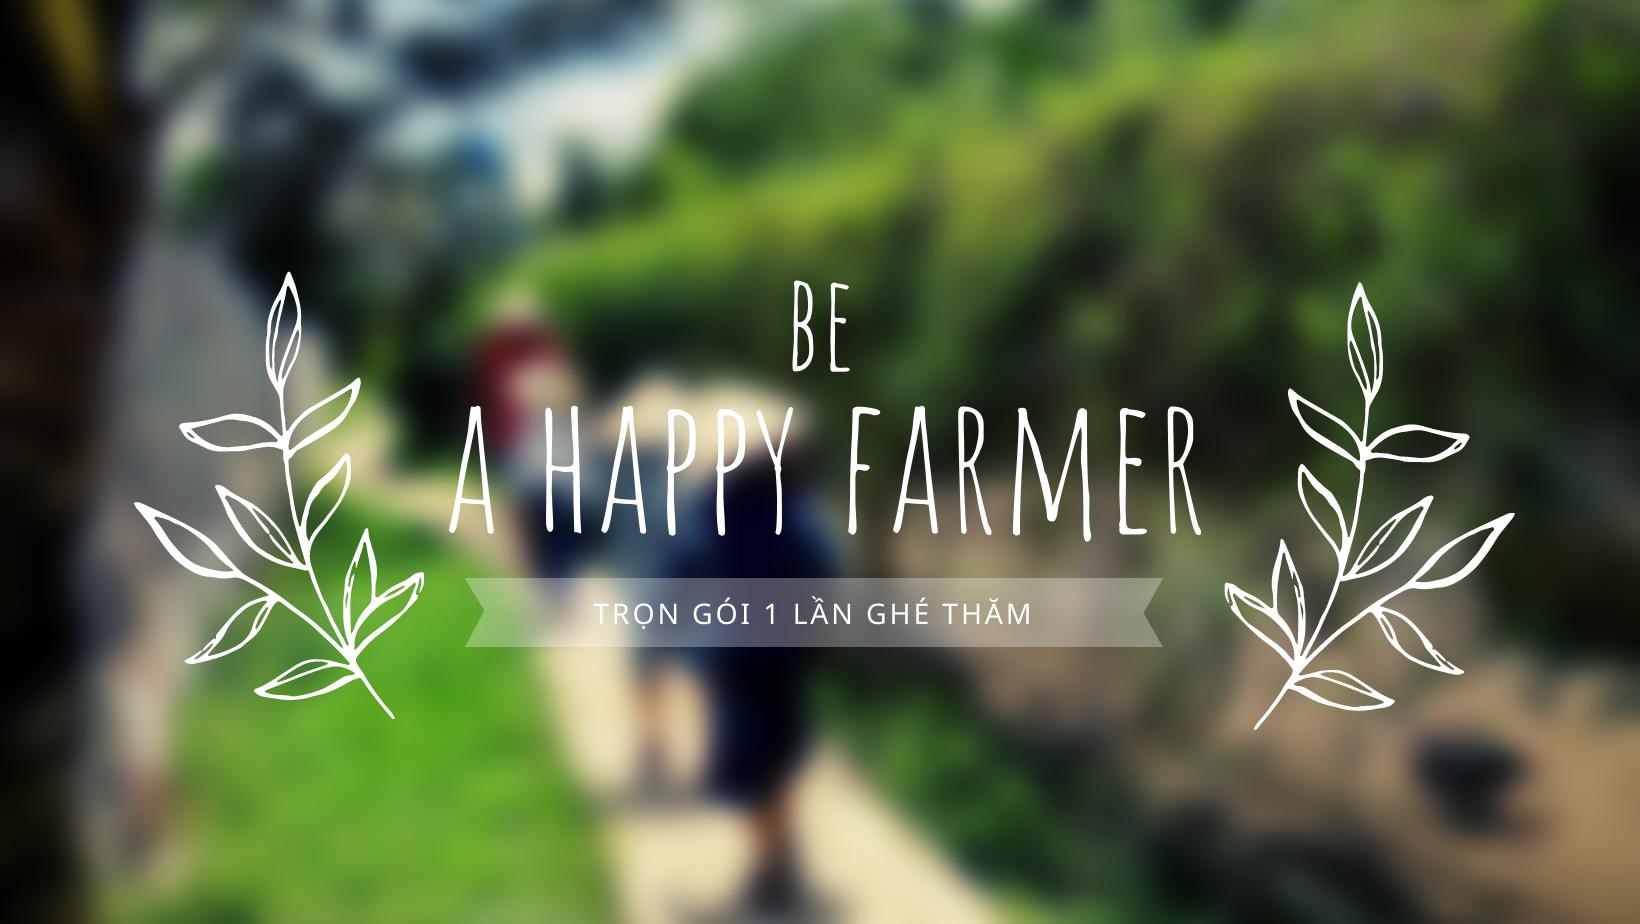 Một ngày nông dân vui vẻ